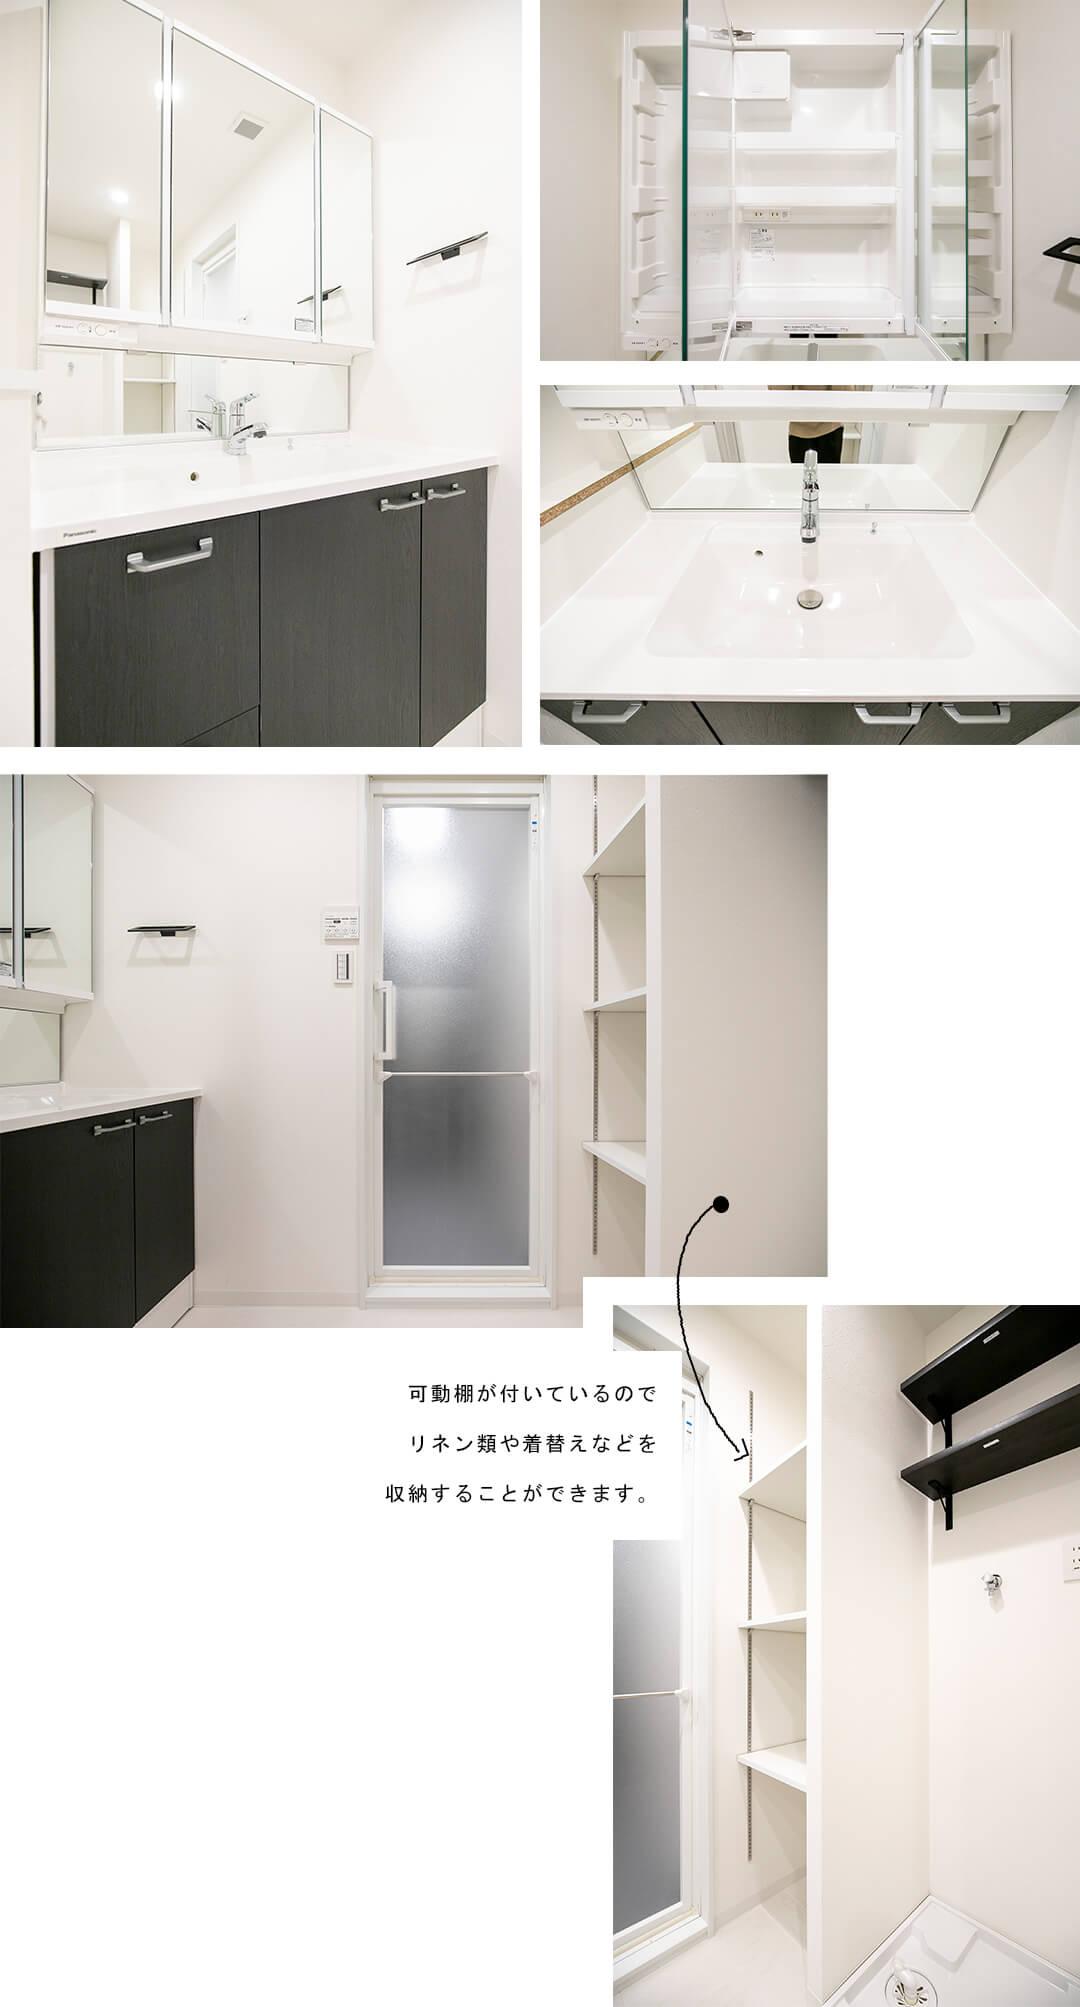 アパガーデンズ新宿戸山公園の洗面室